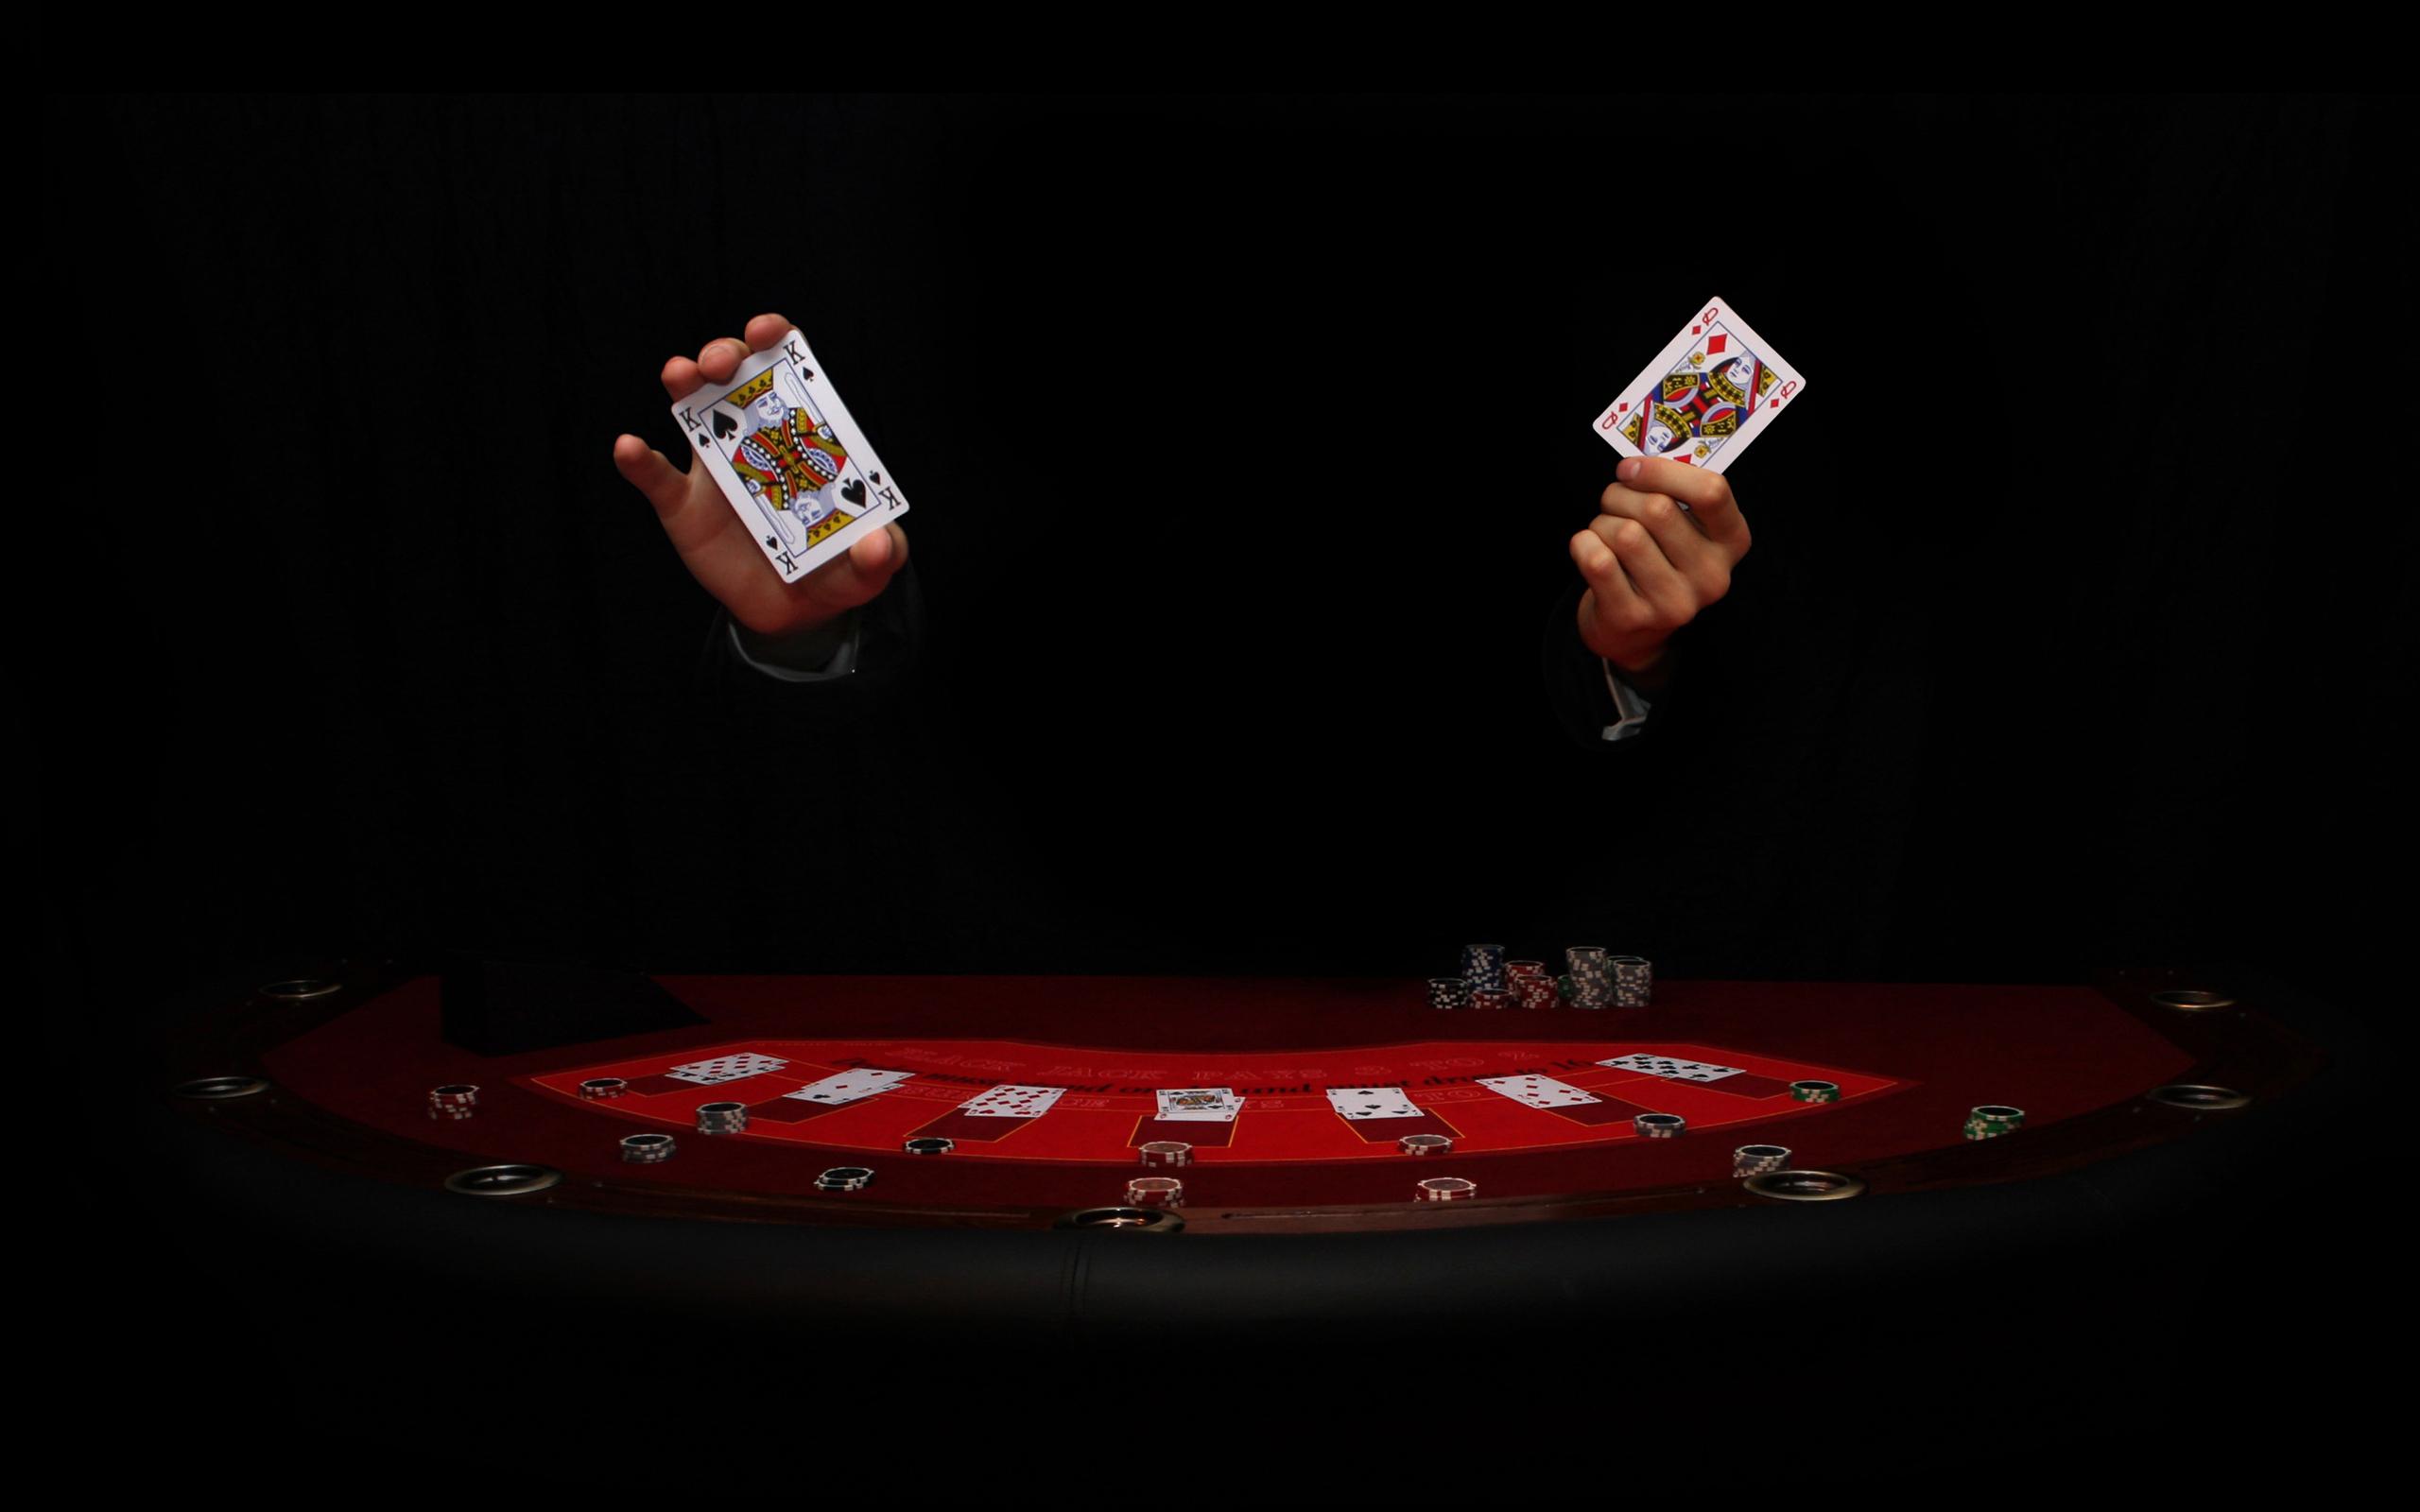 Покер онлайн игровая долина играть хочу играть карты паук